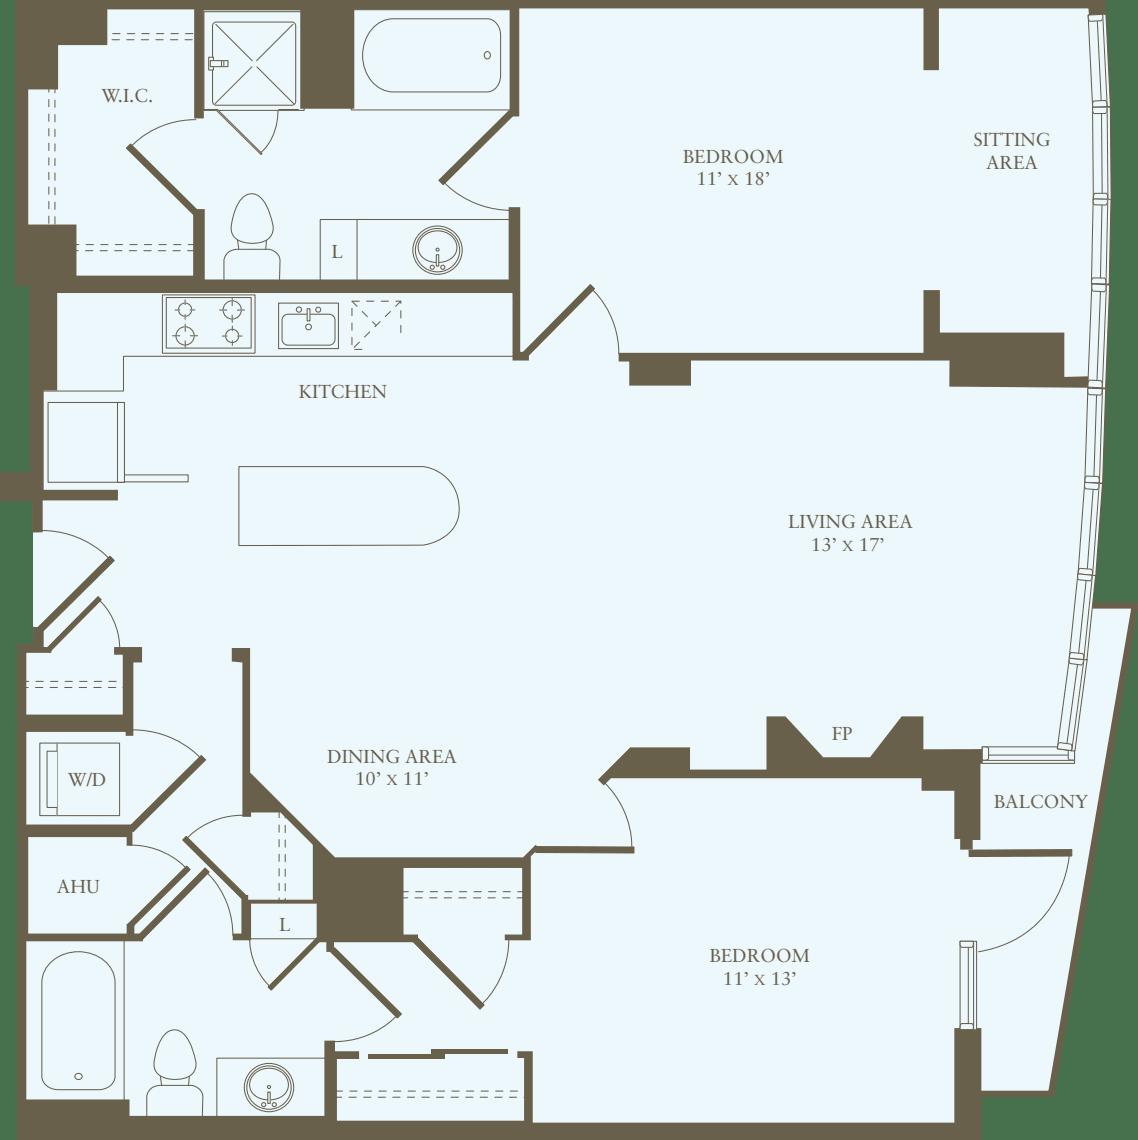 2 Bedrooms II